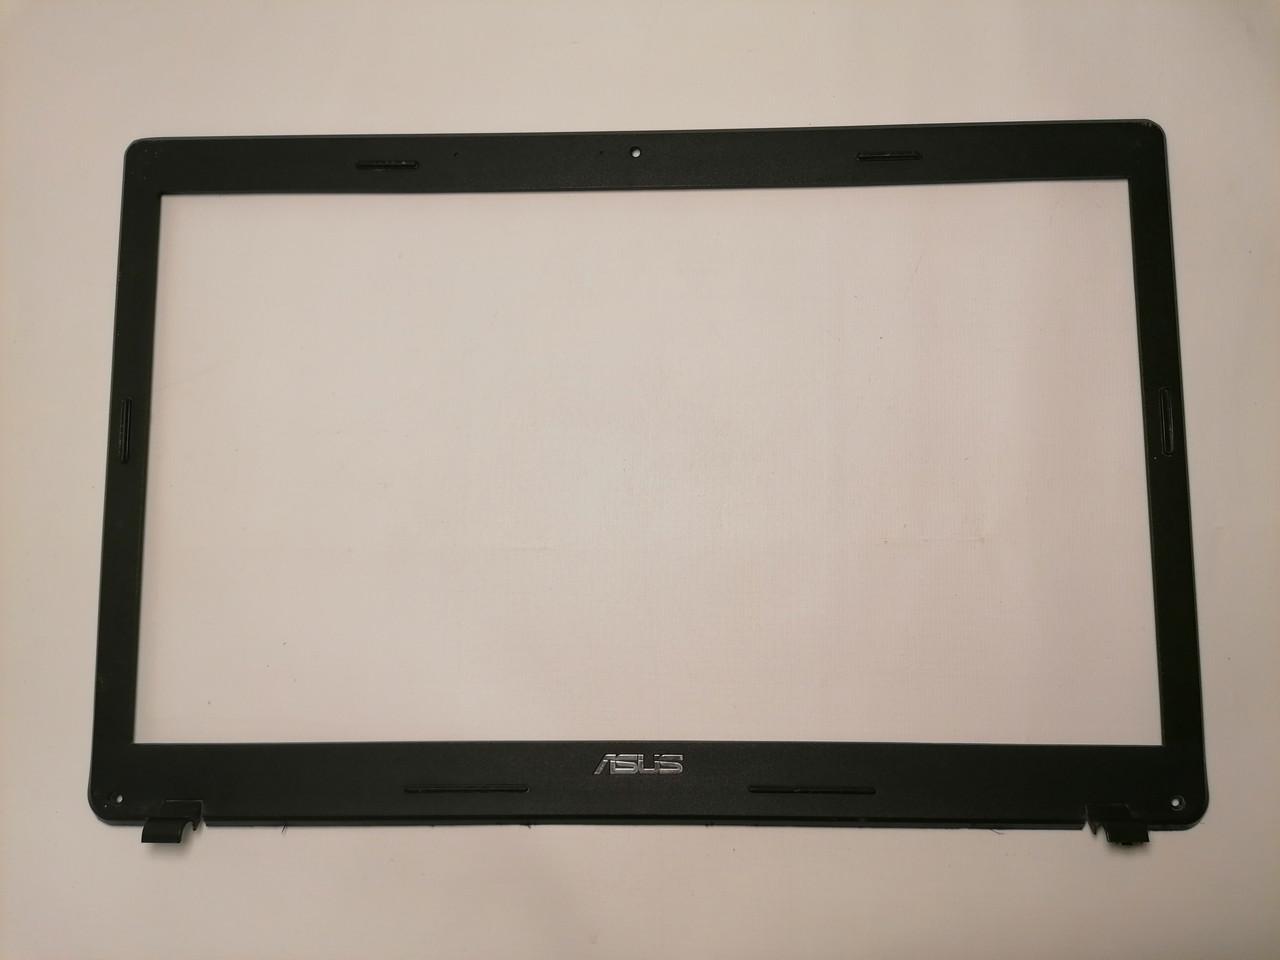 Б/У корпус рамка матрицы для ASUS K54 X54 A54 Series (13GN7BCAP030-1)